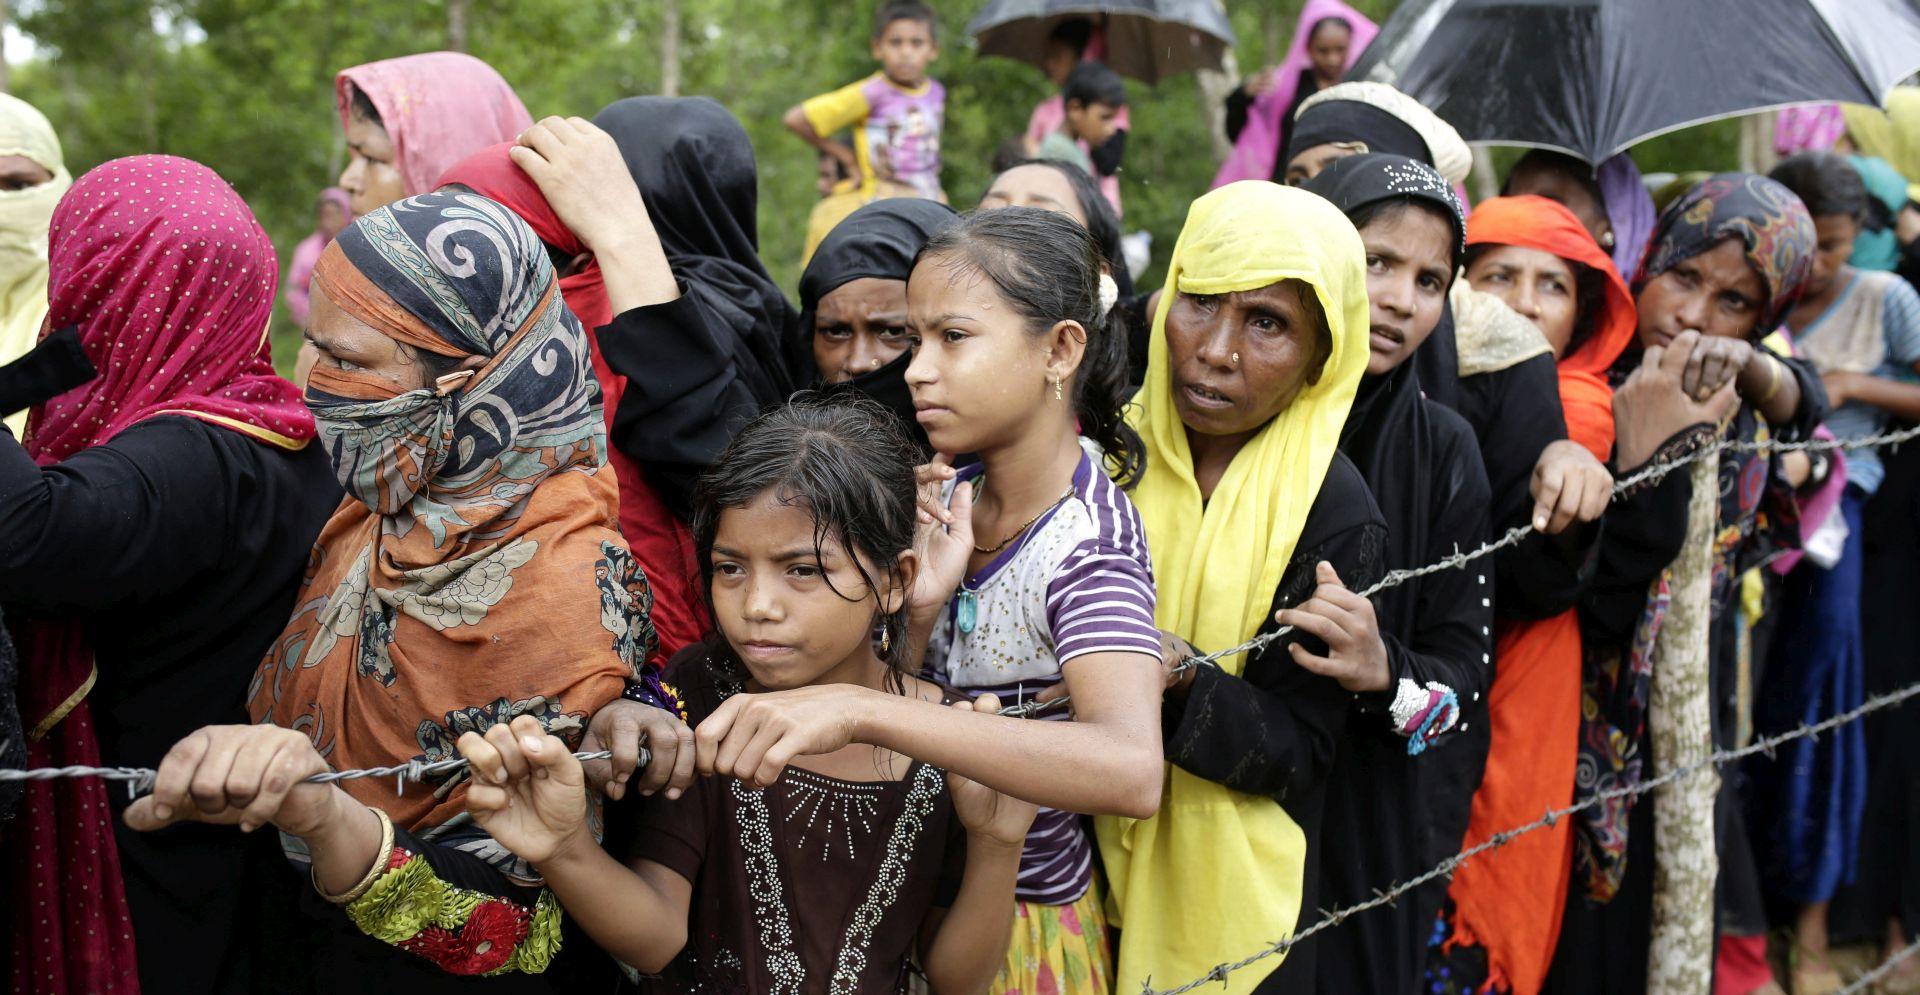 LIJEČNICI BEZ GRANICA U samo jednom mjesecu ubijeno 6700 Rohindža